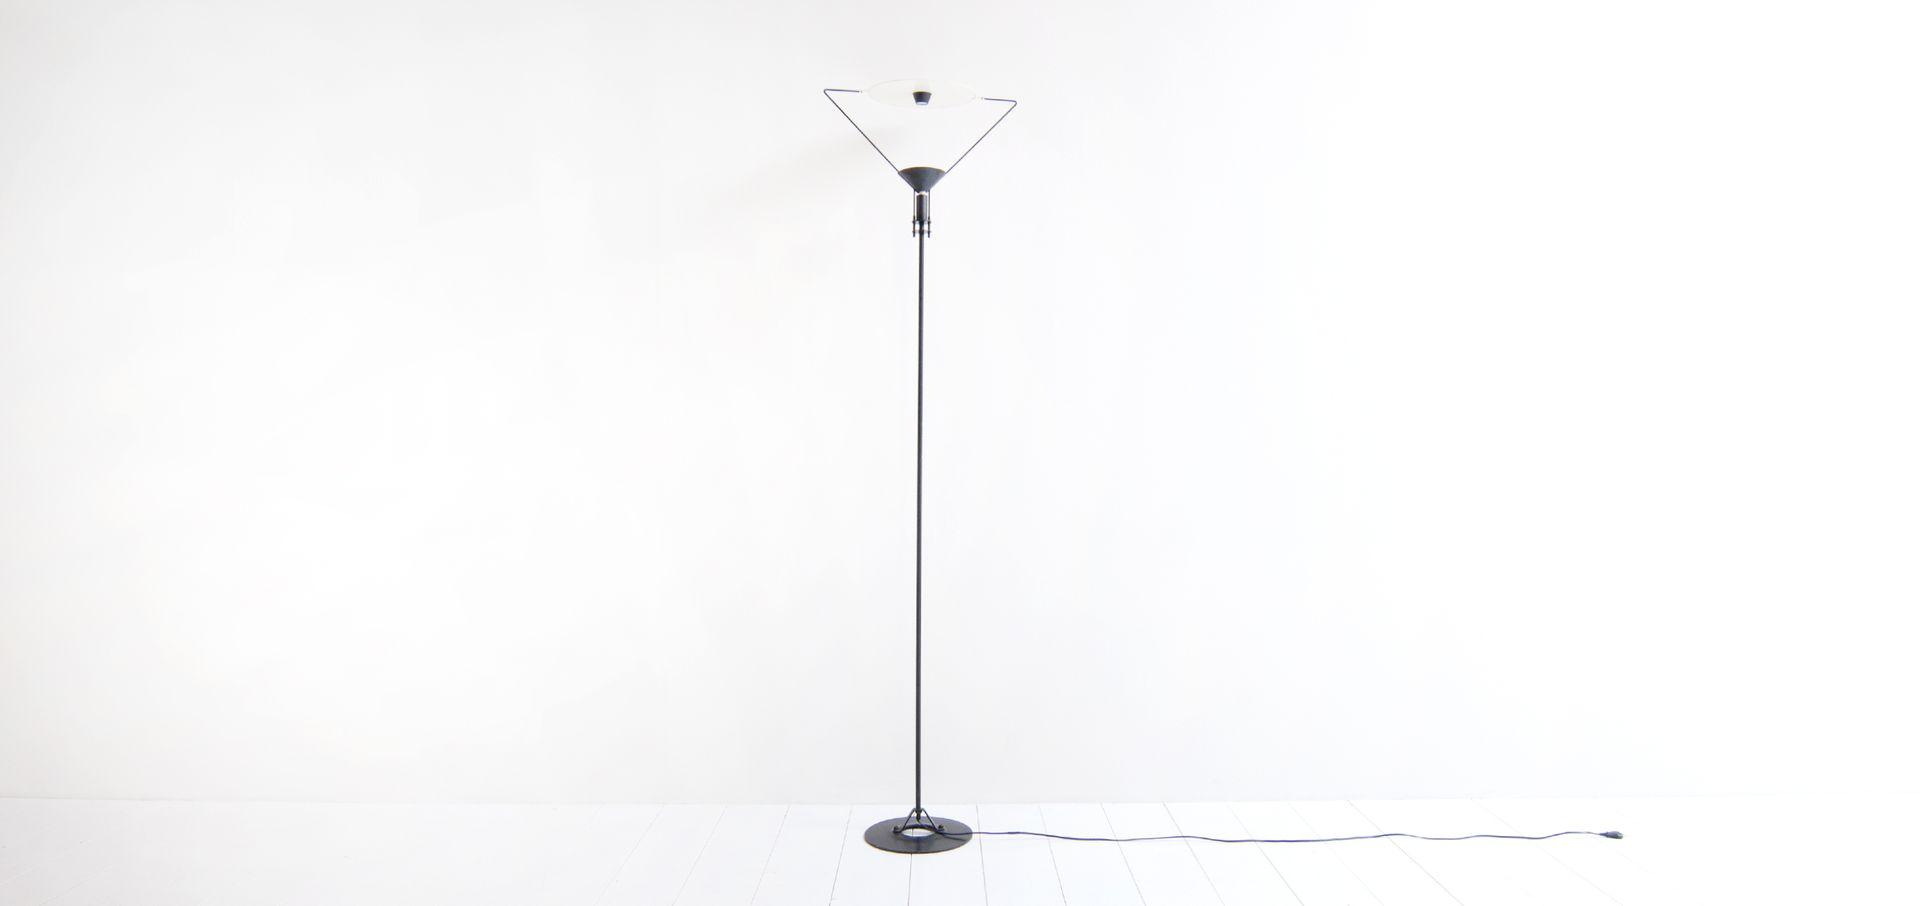 Polifemo Stehlampe Carlo Forcolini für Artemide, 1983